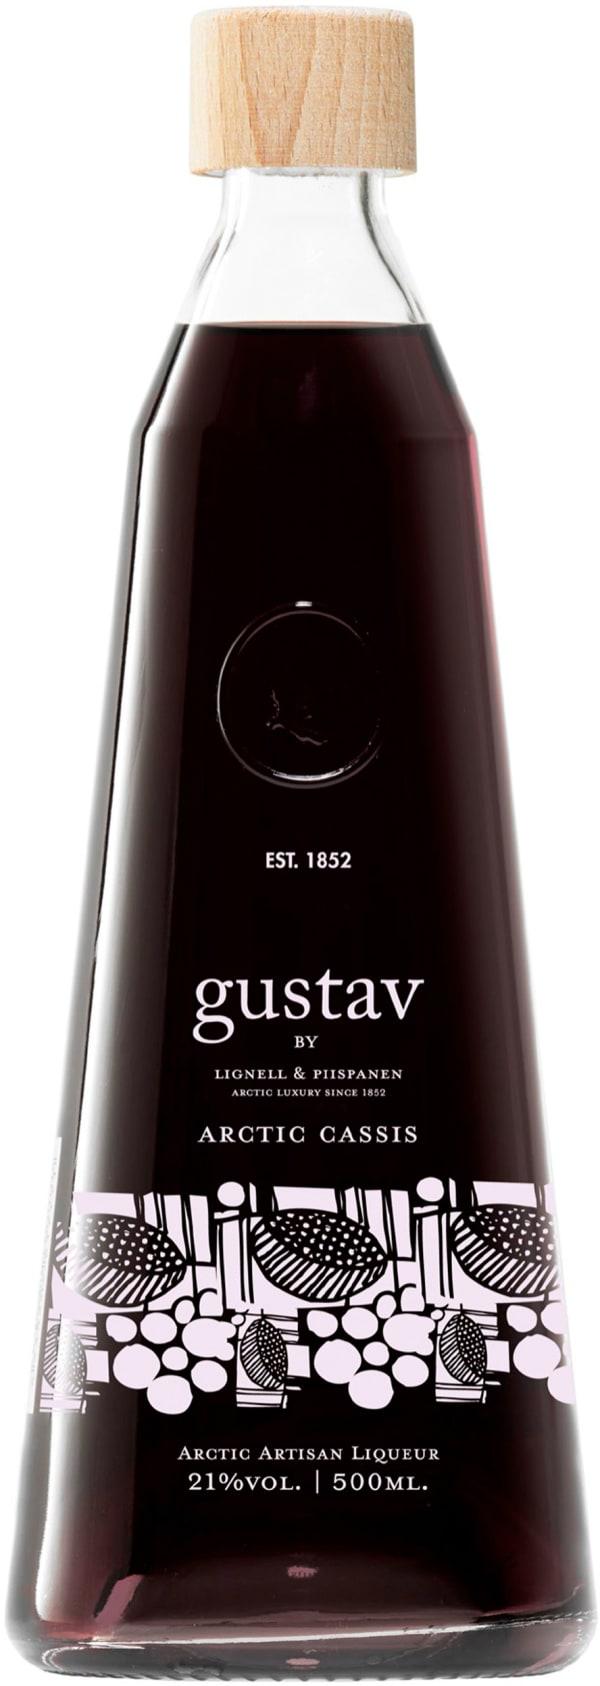 Gustav Arctic Cassis